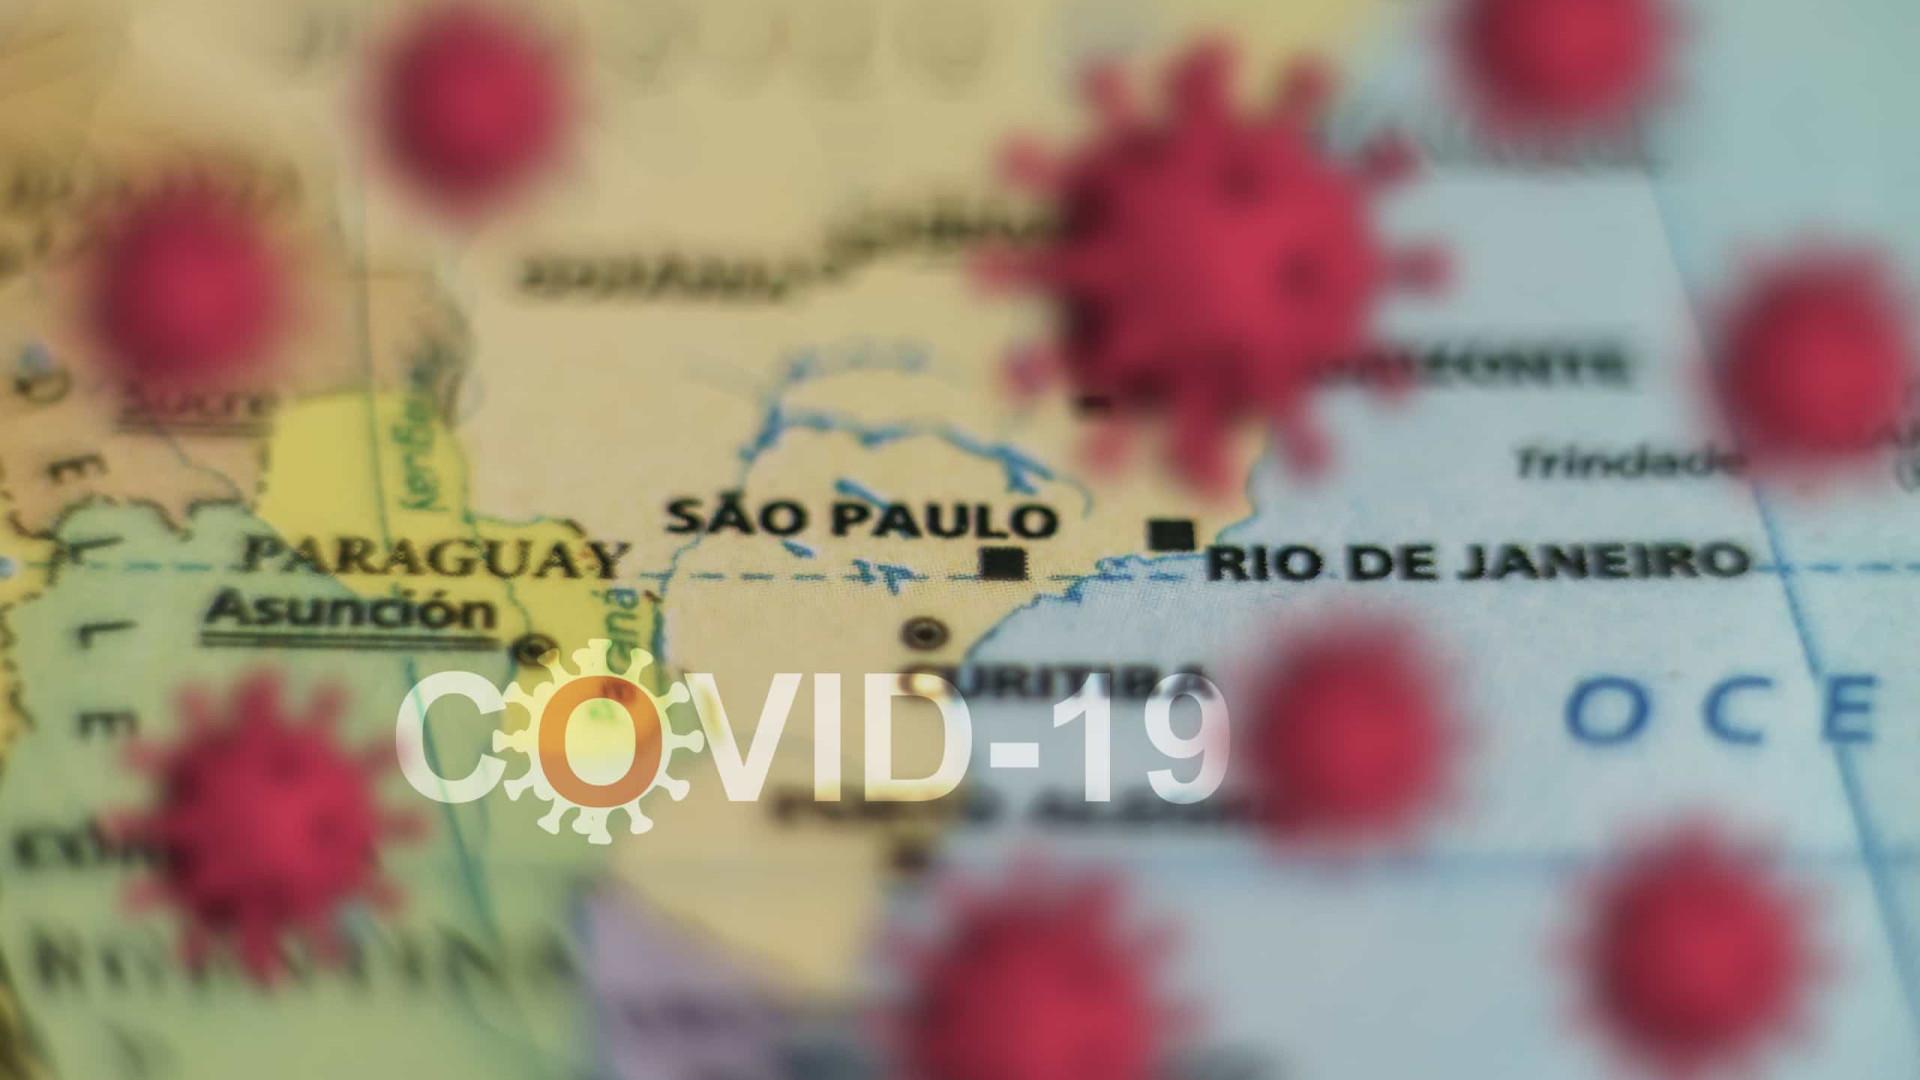 Covid-19: Opas alerta para casos na América Latina e sobre riscos da Copa América